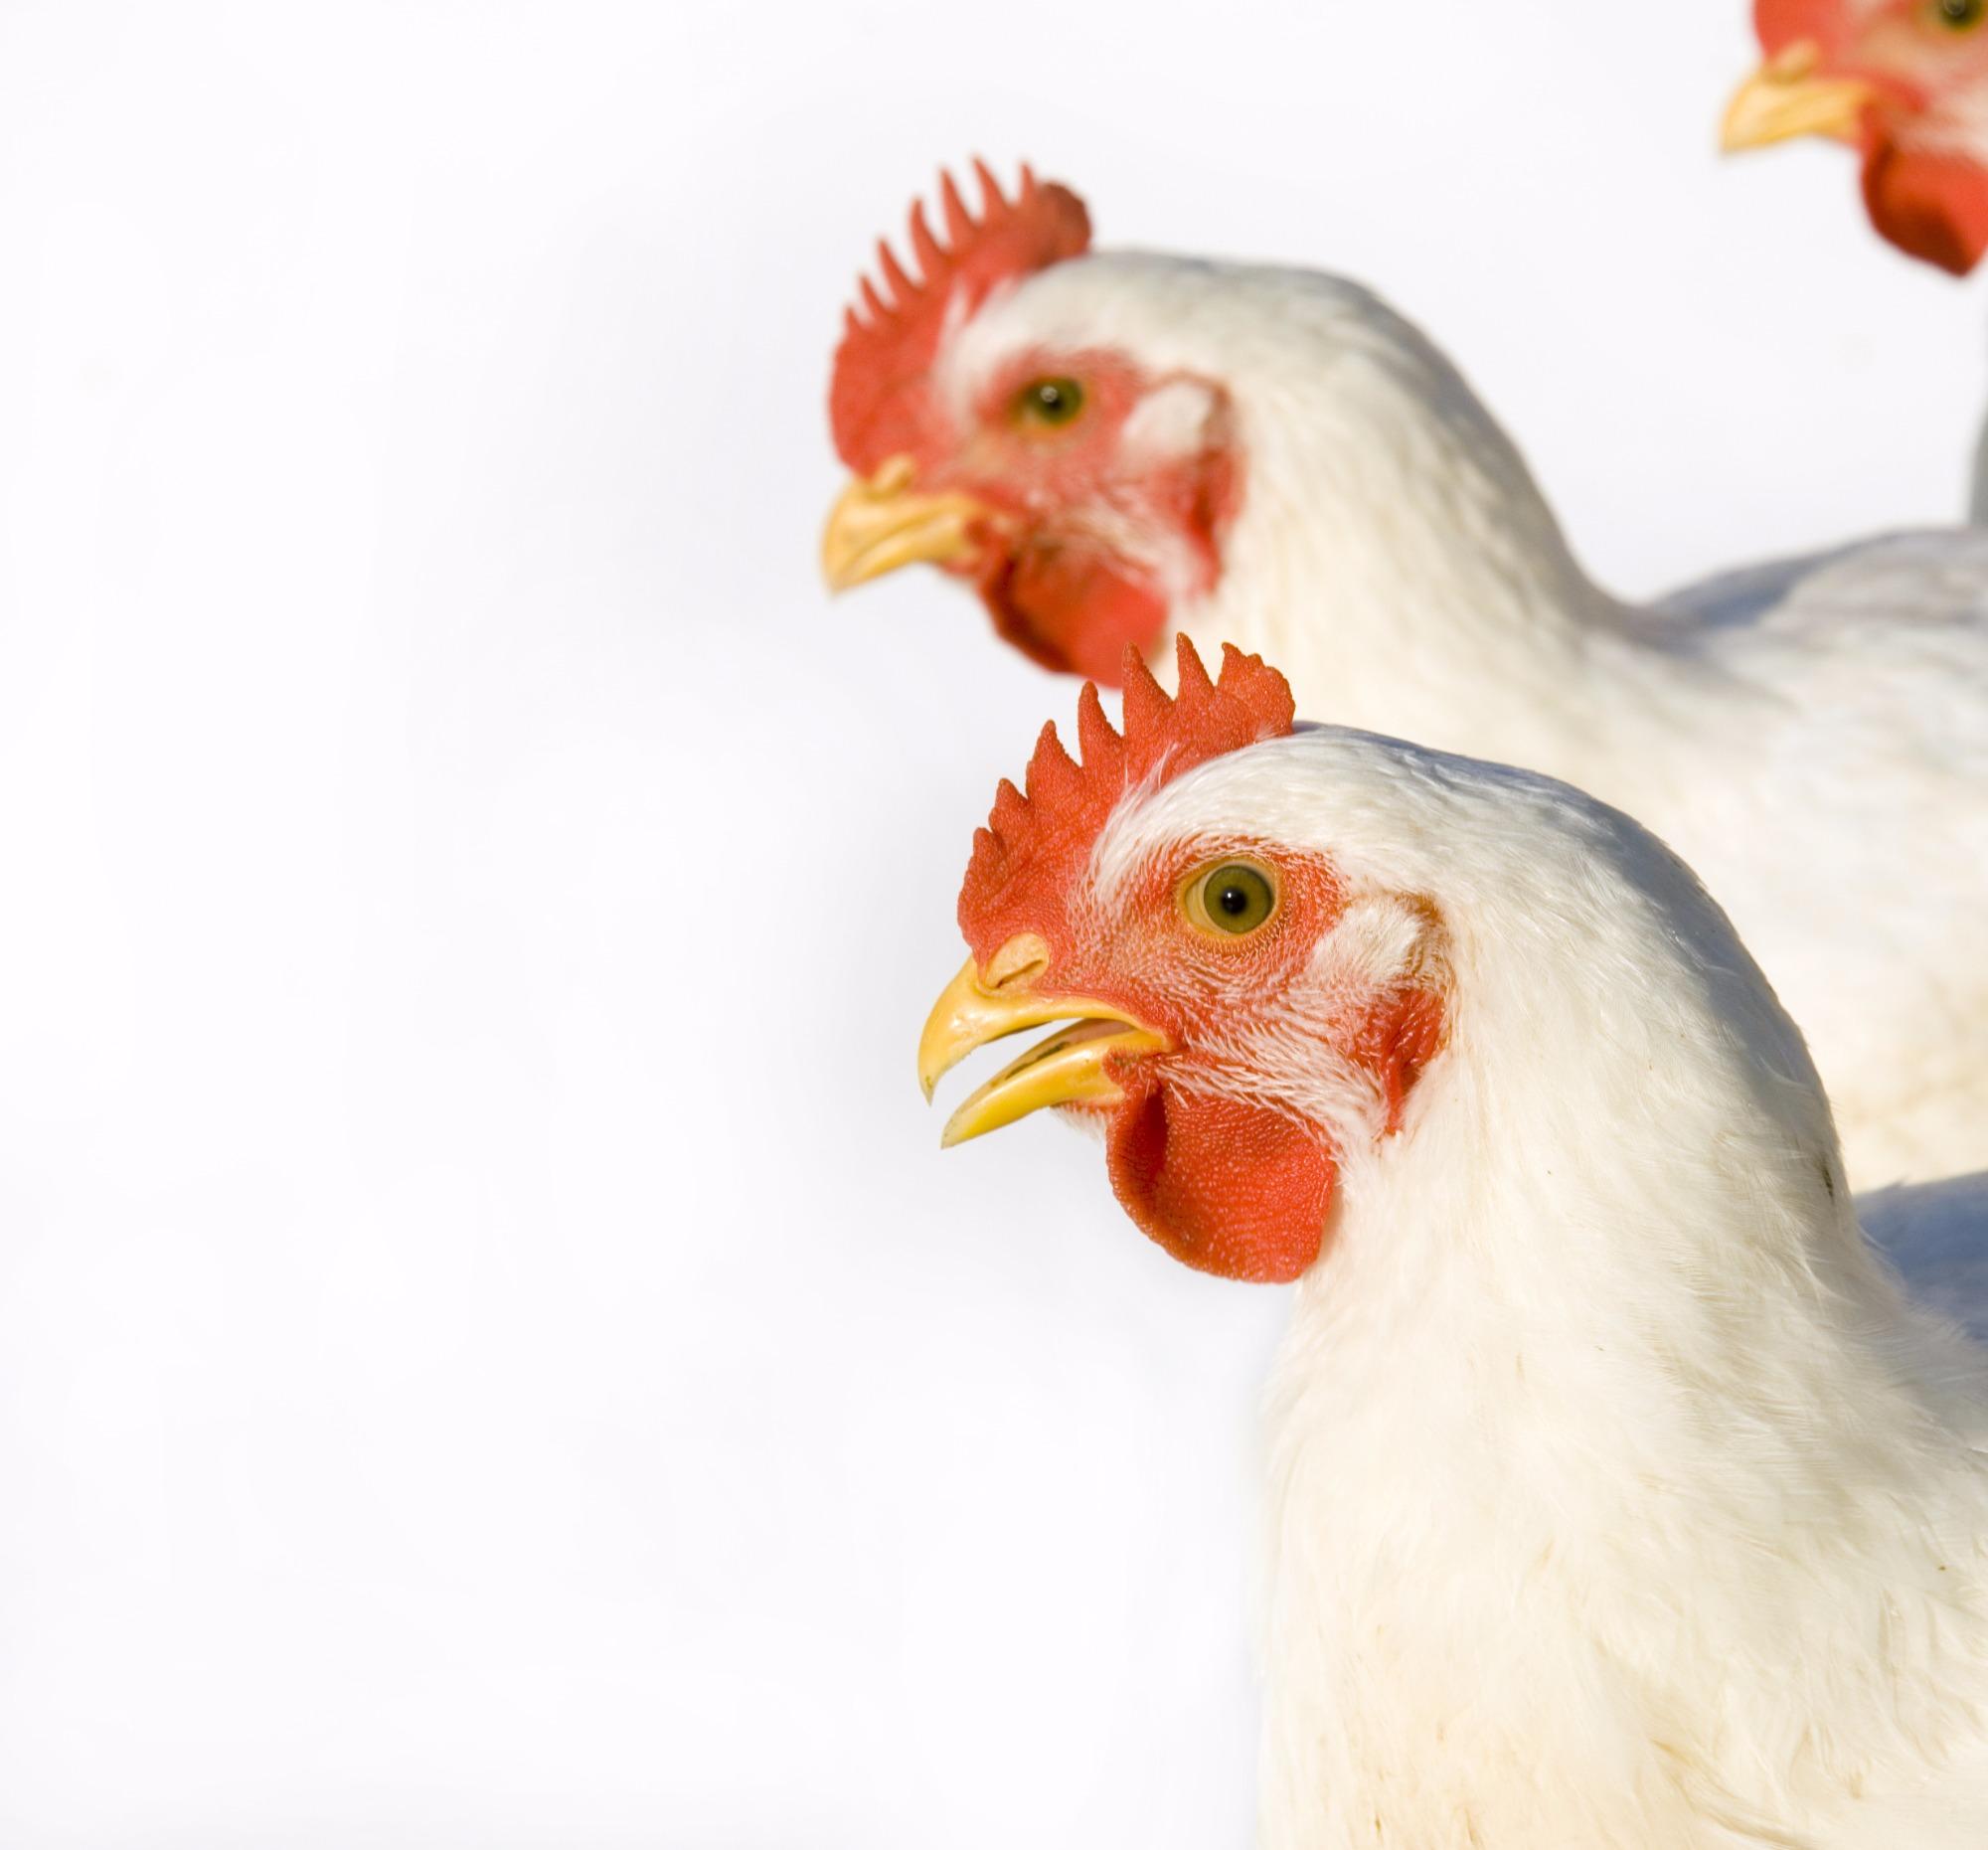 Exportações de carne de frango driblam crise e crescem em 2016